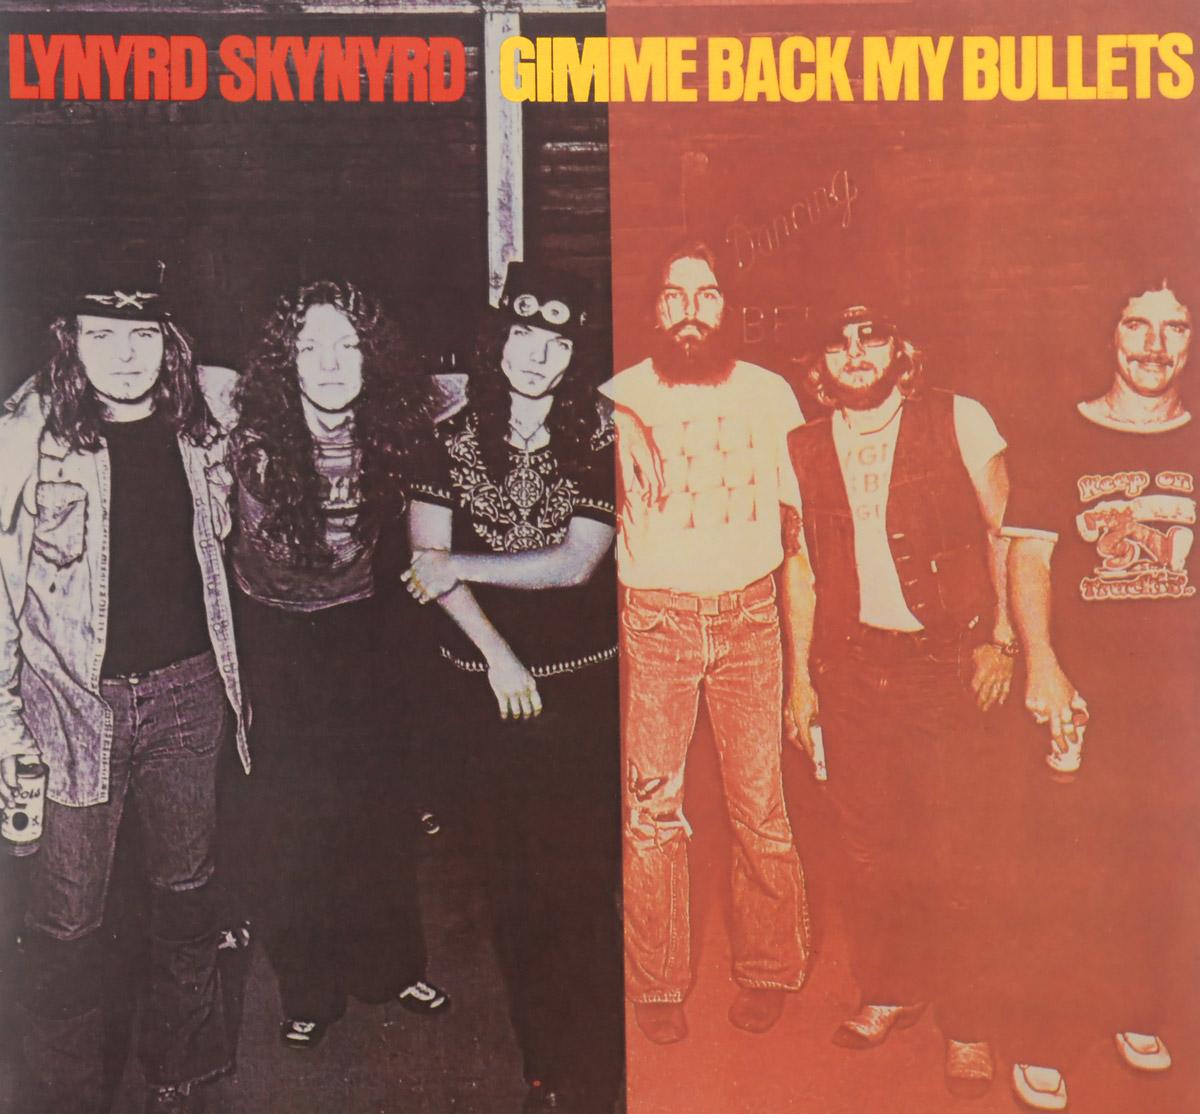 Lynyrd Skynyrd Lynyrd Skynyrd. Gimme Back My Bullets (LP) lynyrd skynyrd lynyrd skynyrd one more from the road 2 lp